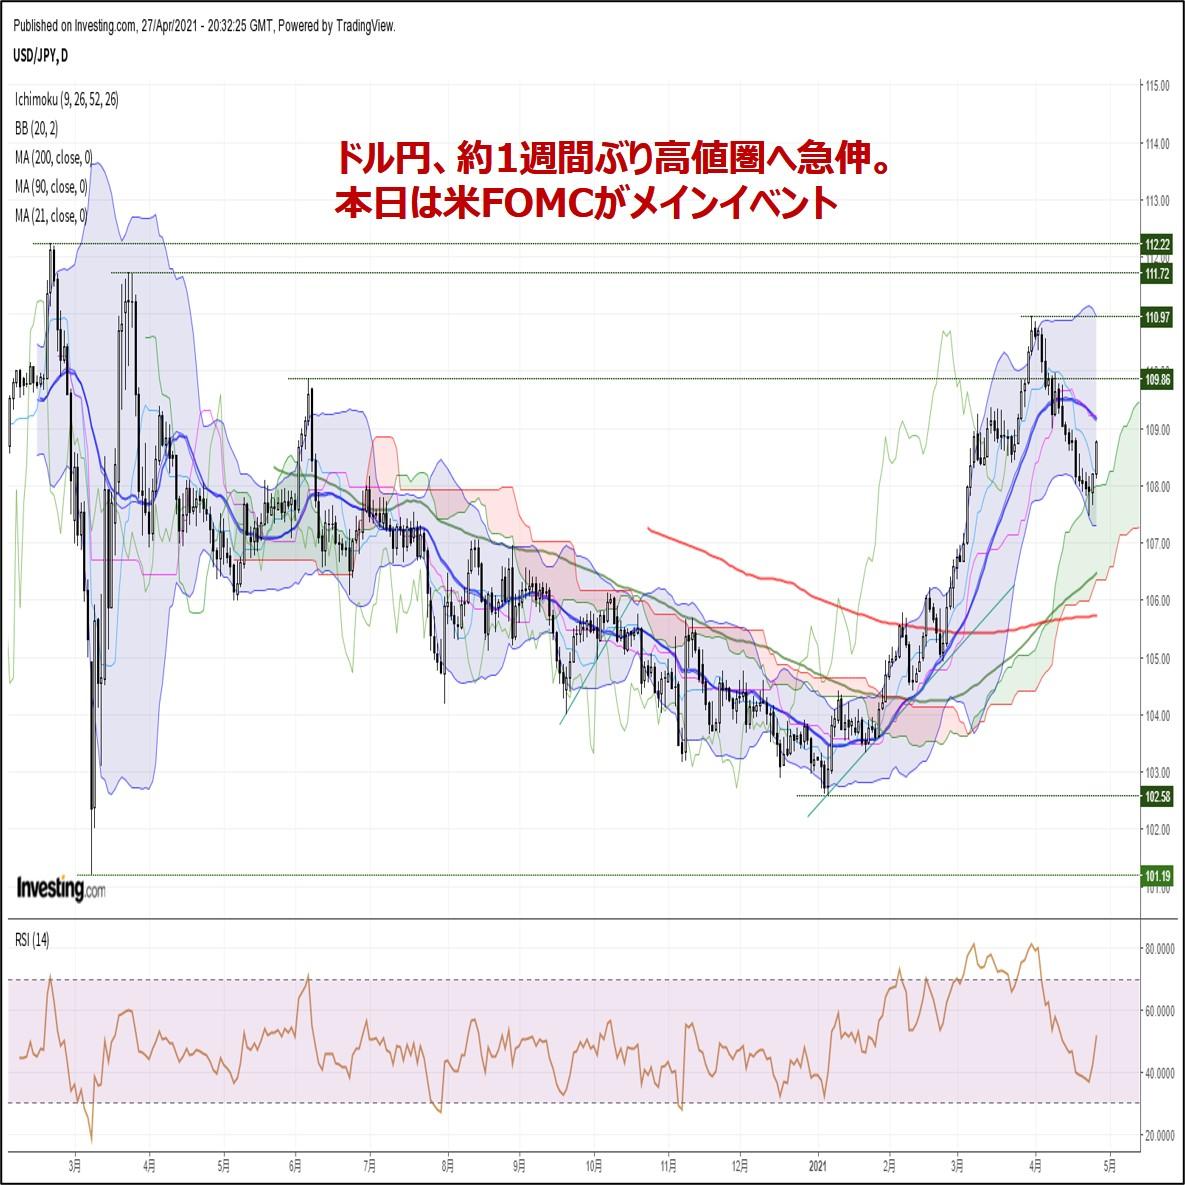 ビットコイン円、約1週間ぶり高値圏へ反発。一巡後の反落リスクに警戒(4/28朝)